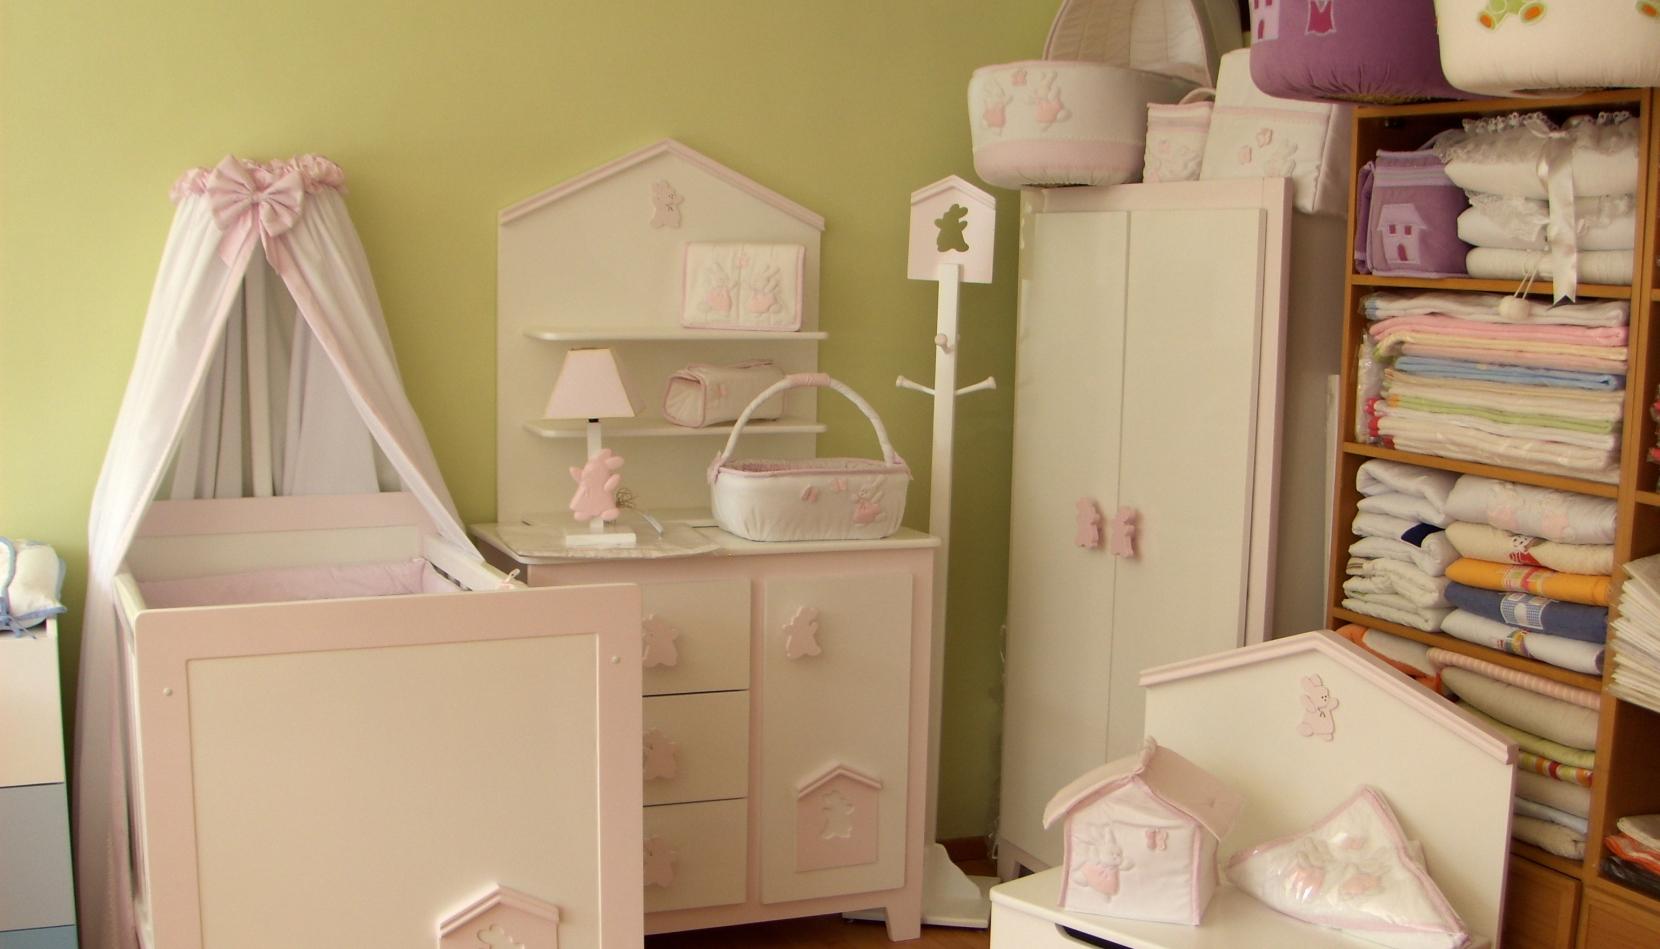 magasin de meuble pour b b ouistitipop. Black Bedroom Furniture Sets. Home Design Ideas